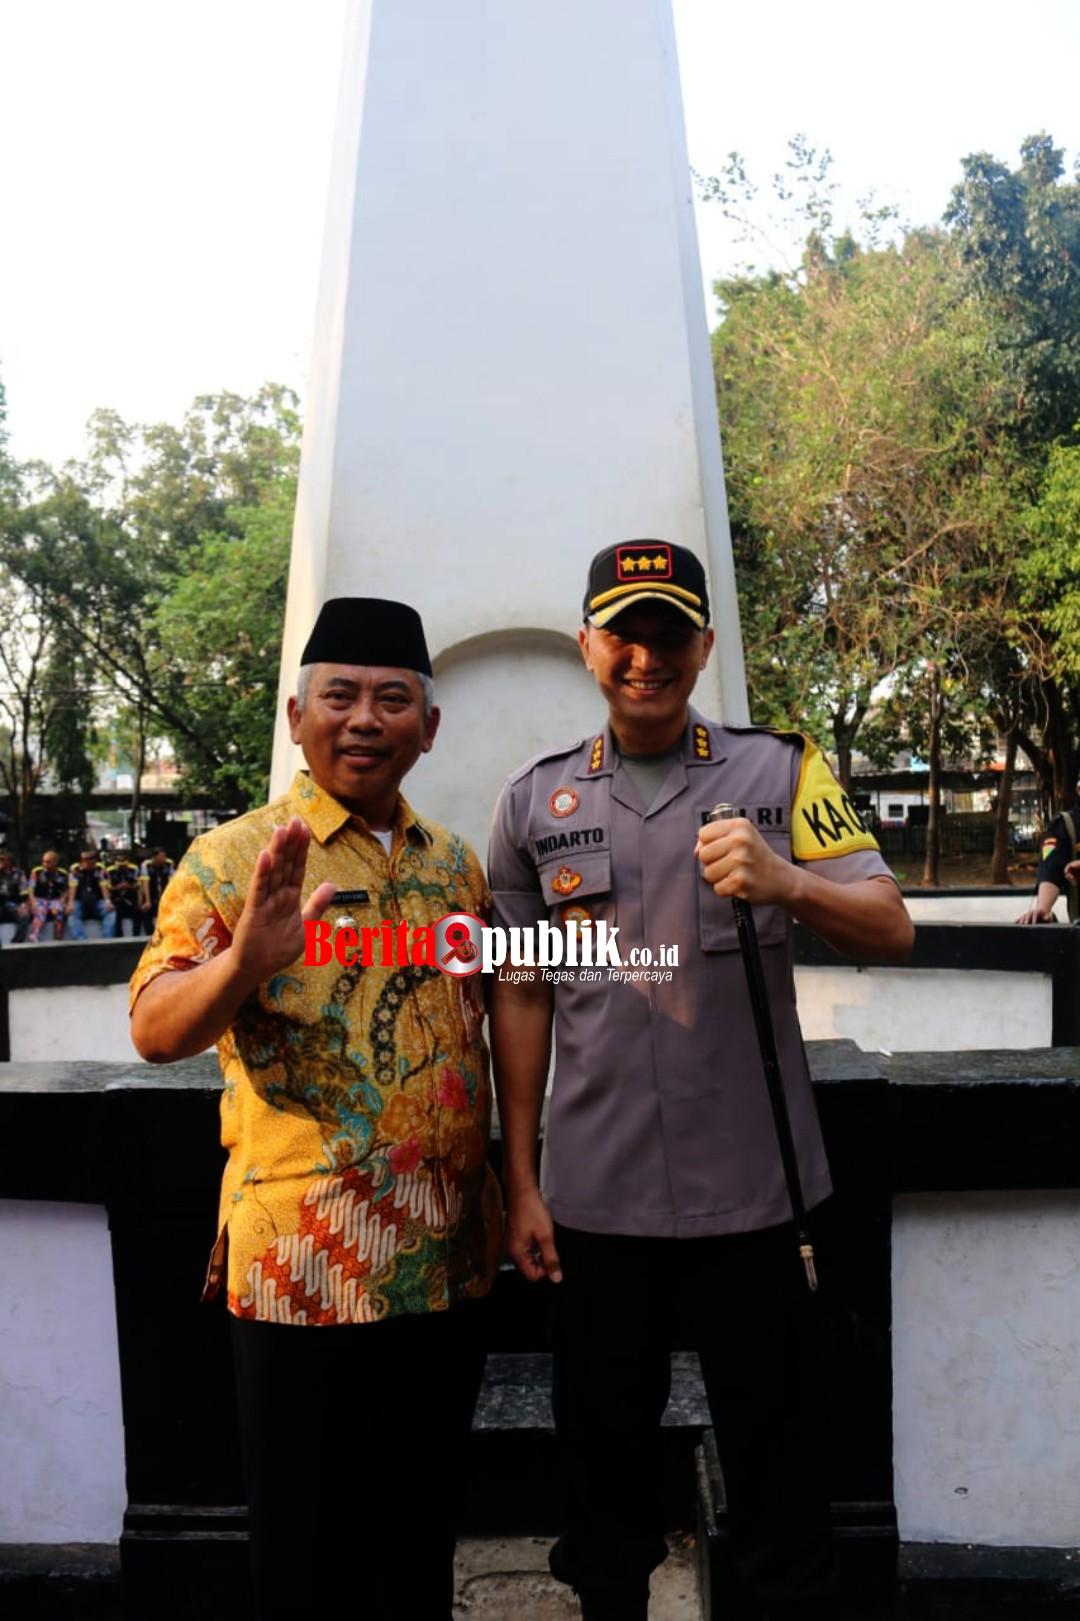 Wali Kota Bekasi Ajak Masyarakat Jaga Kondusifitas.